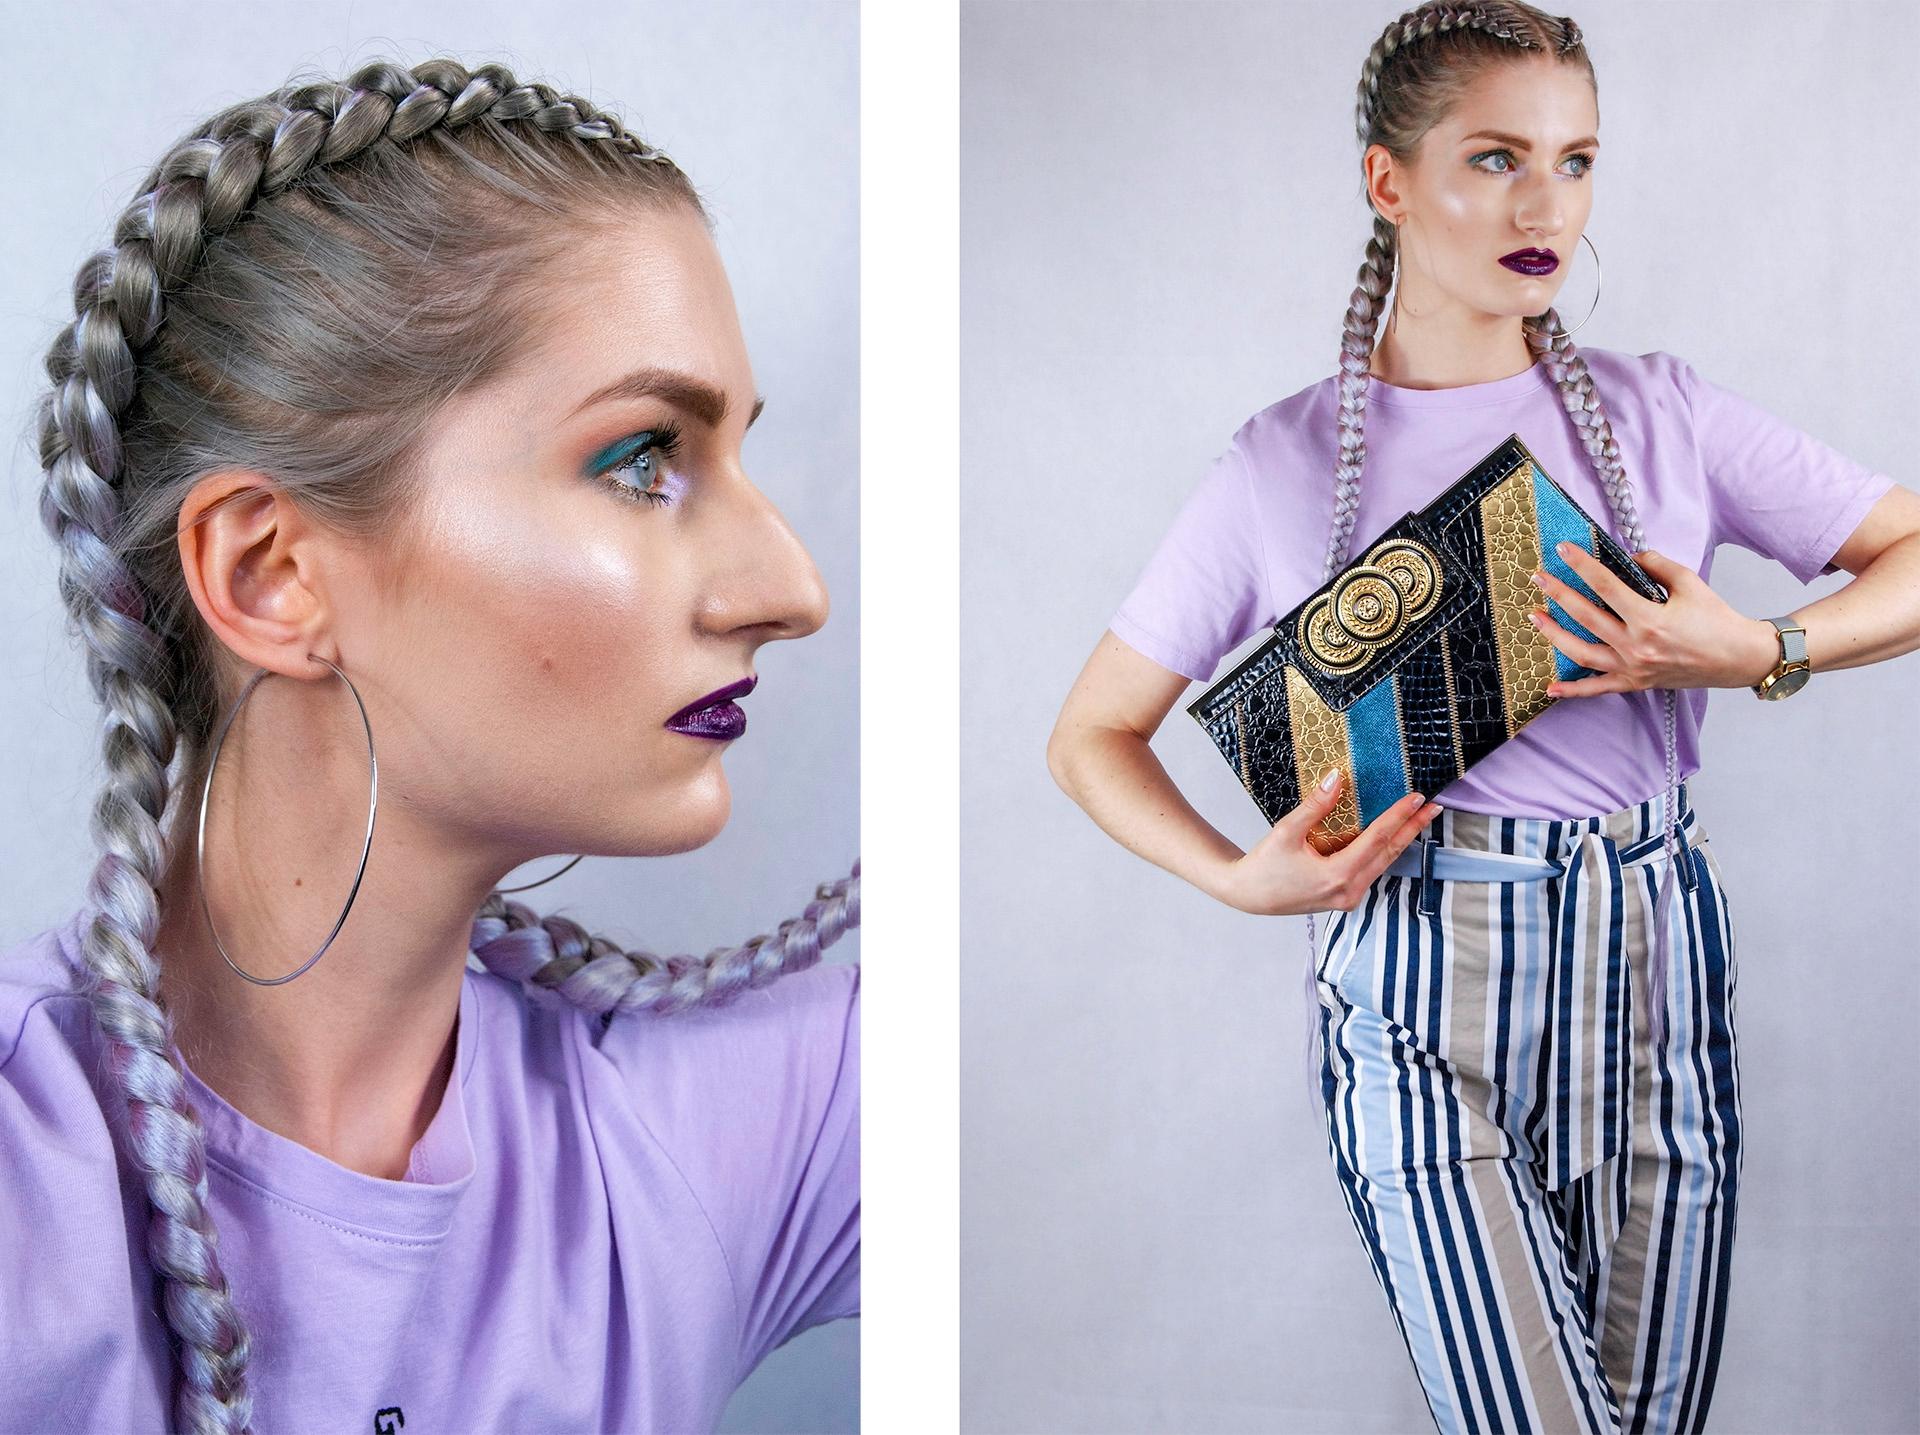 Obraz przedstawia dwa zdjęcia. Z lewej strony widzimy profil kobiety w warkoczach, z prawej sylwetkę kobiety w spodniach w paski, fioletowej koszulce z torebką w ręce.